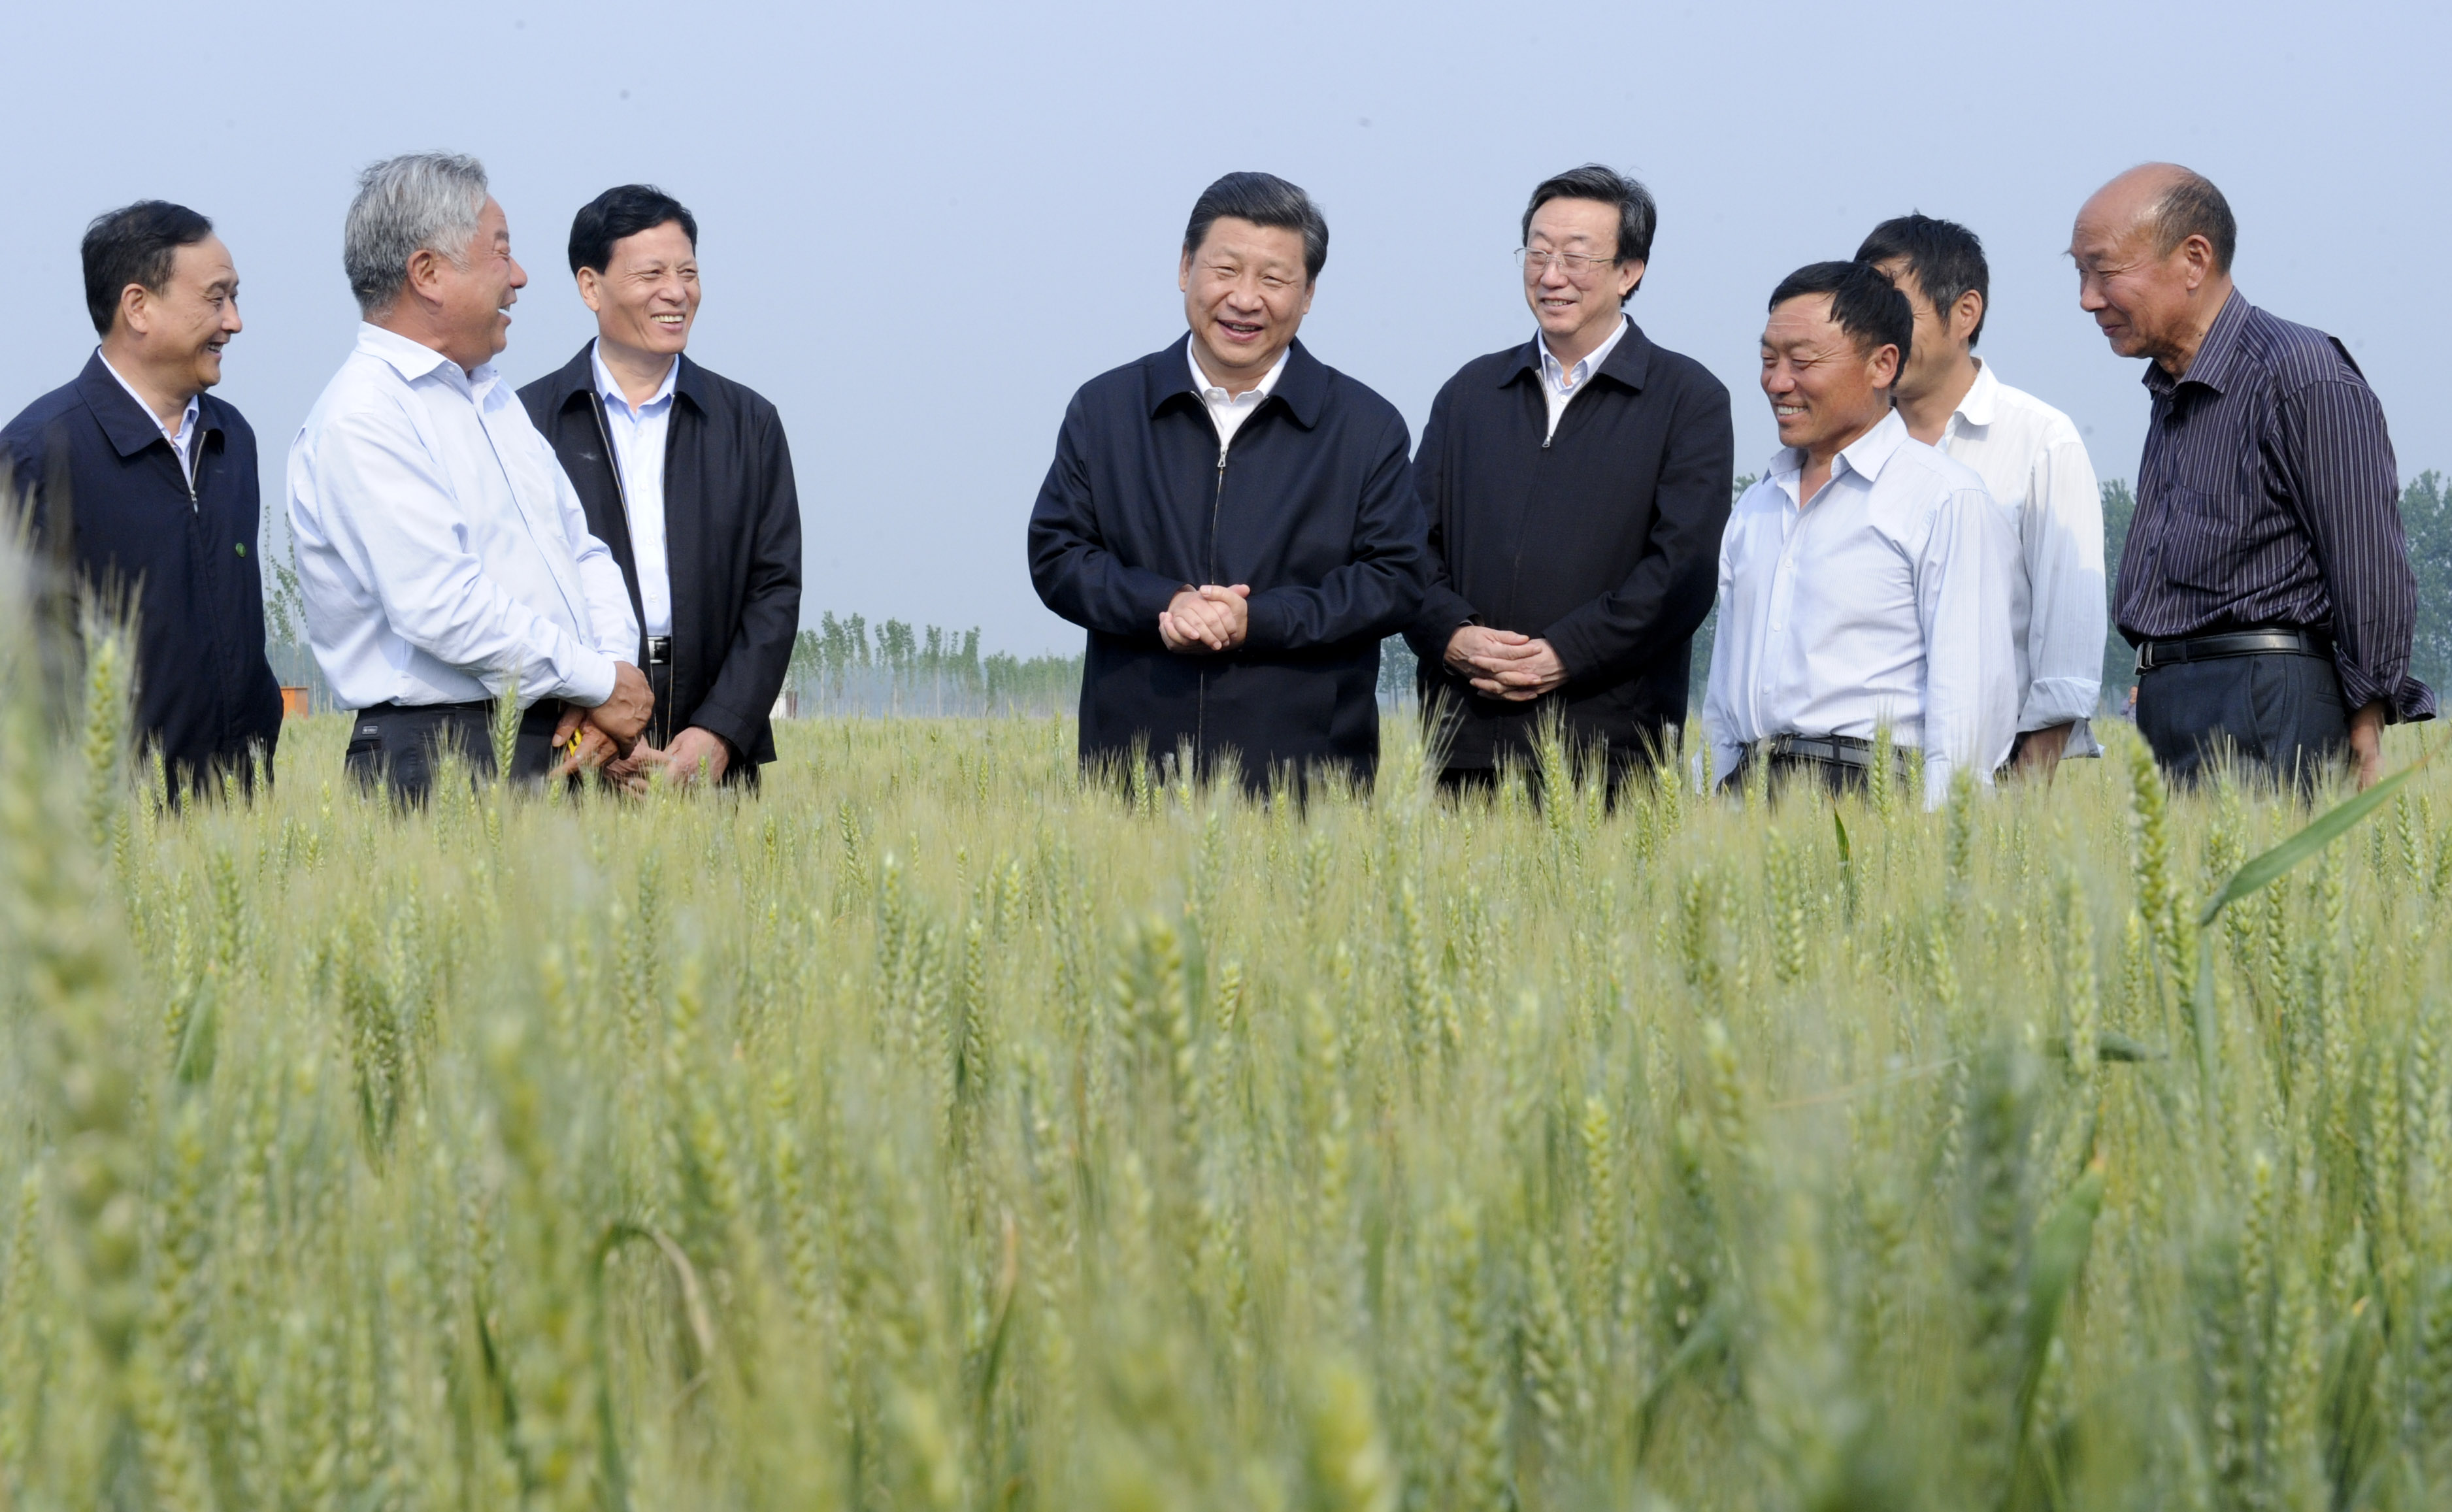 2014年5月9日,习近平总书记在尉氏县张市镇高标准粮田察看小麦长势。